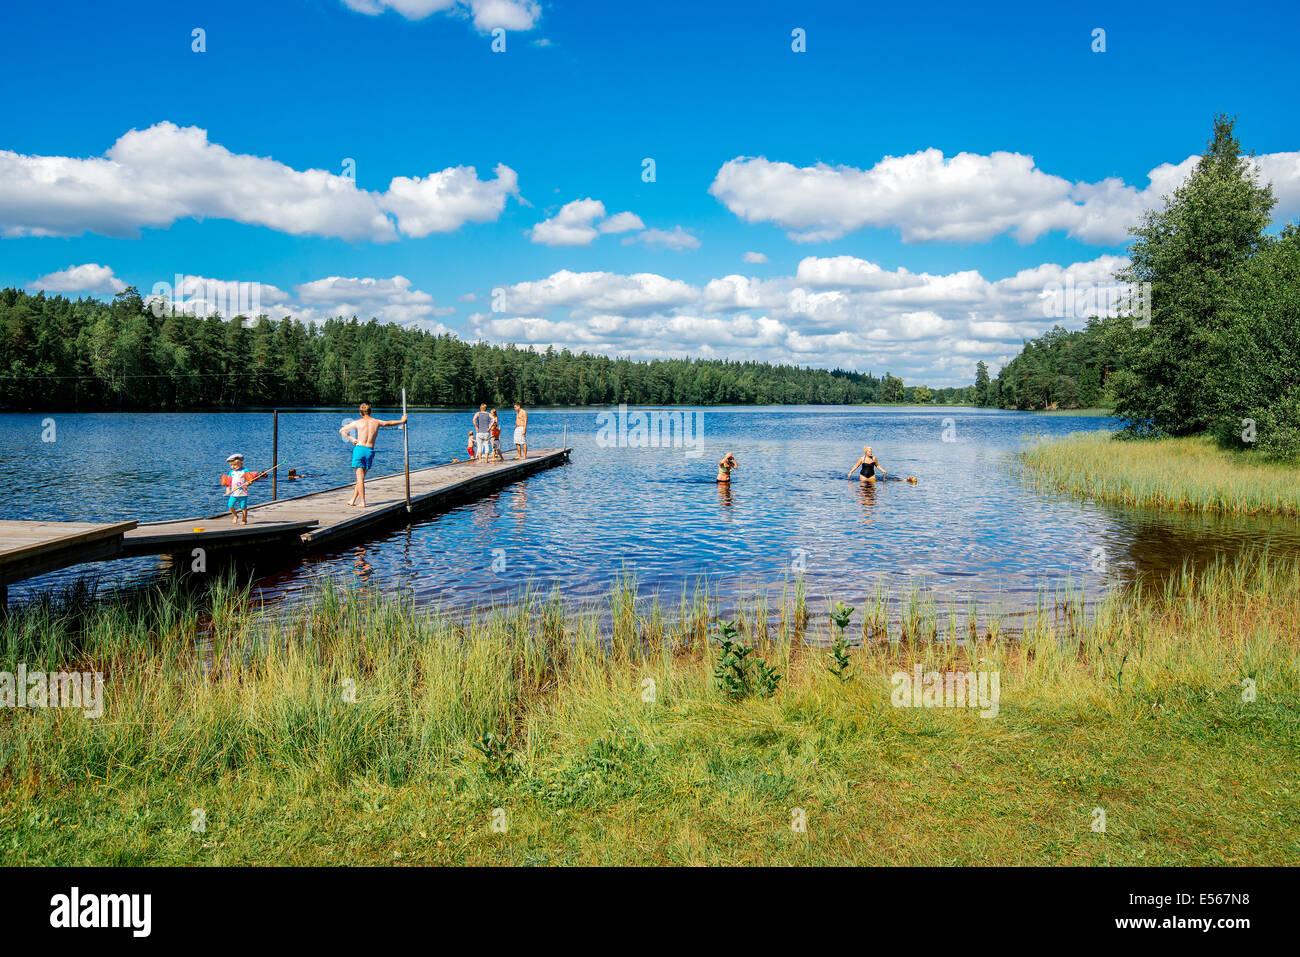 L'été en Suède - les personnes bénéficiant d'une journée ensoleillée Photo Stock